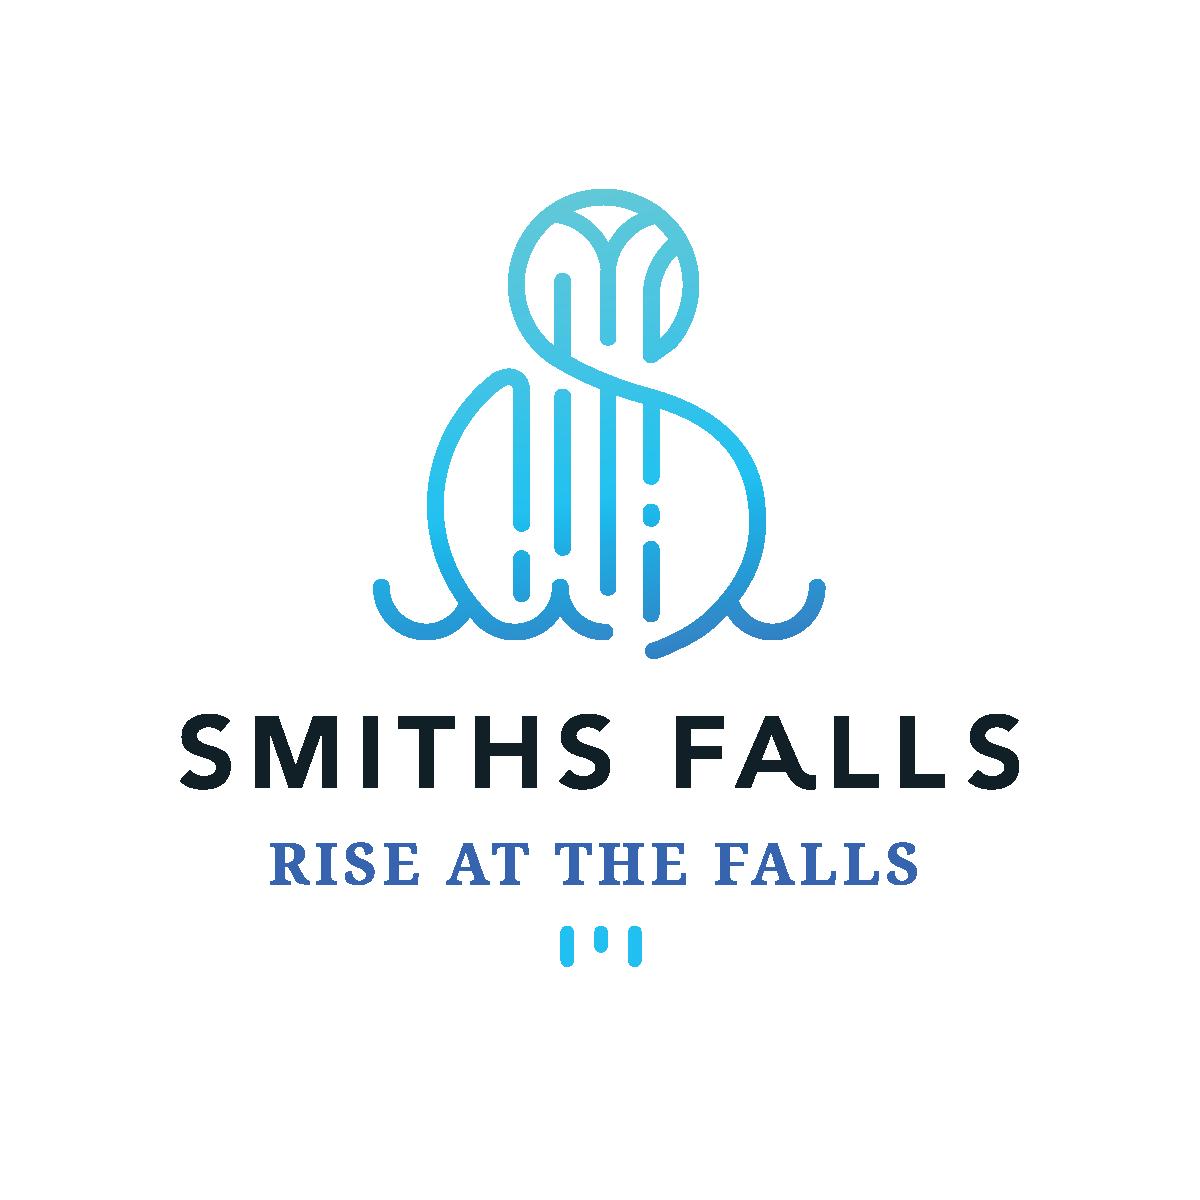 smithsfalls_logo